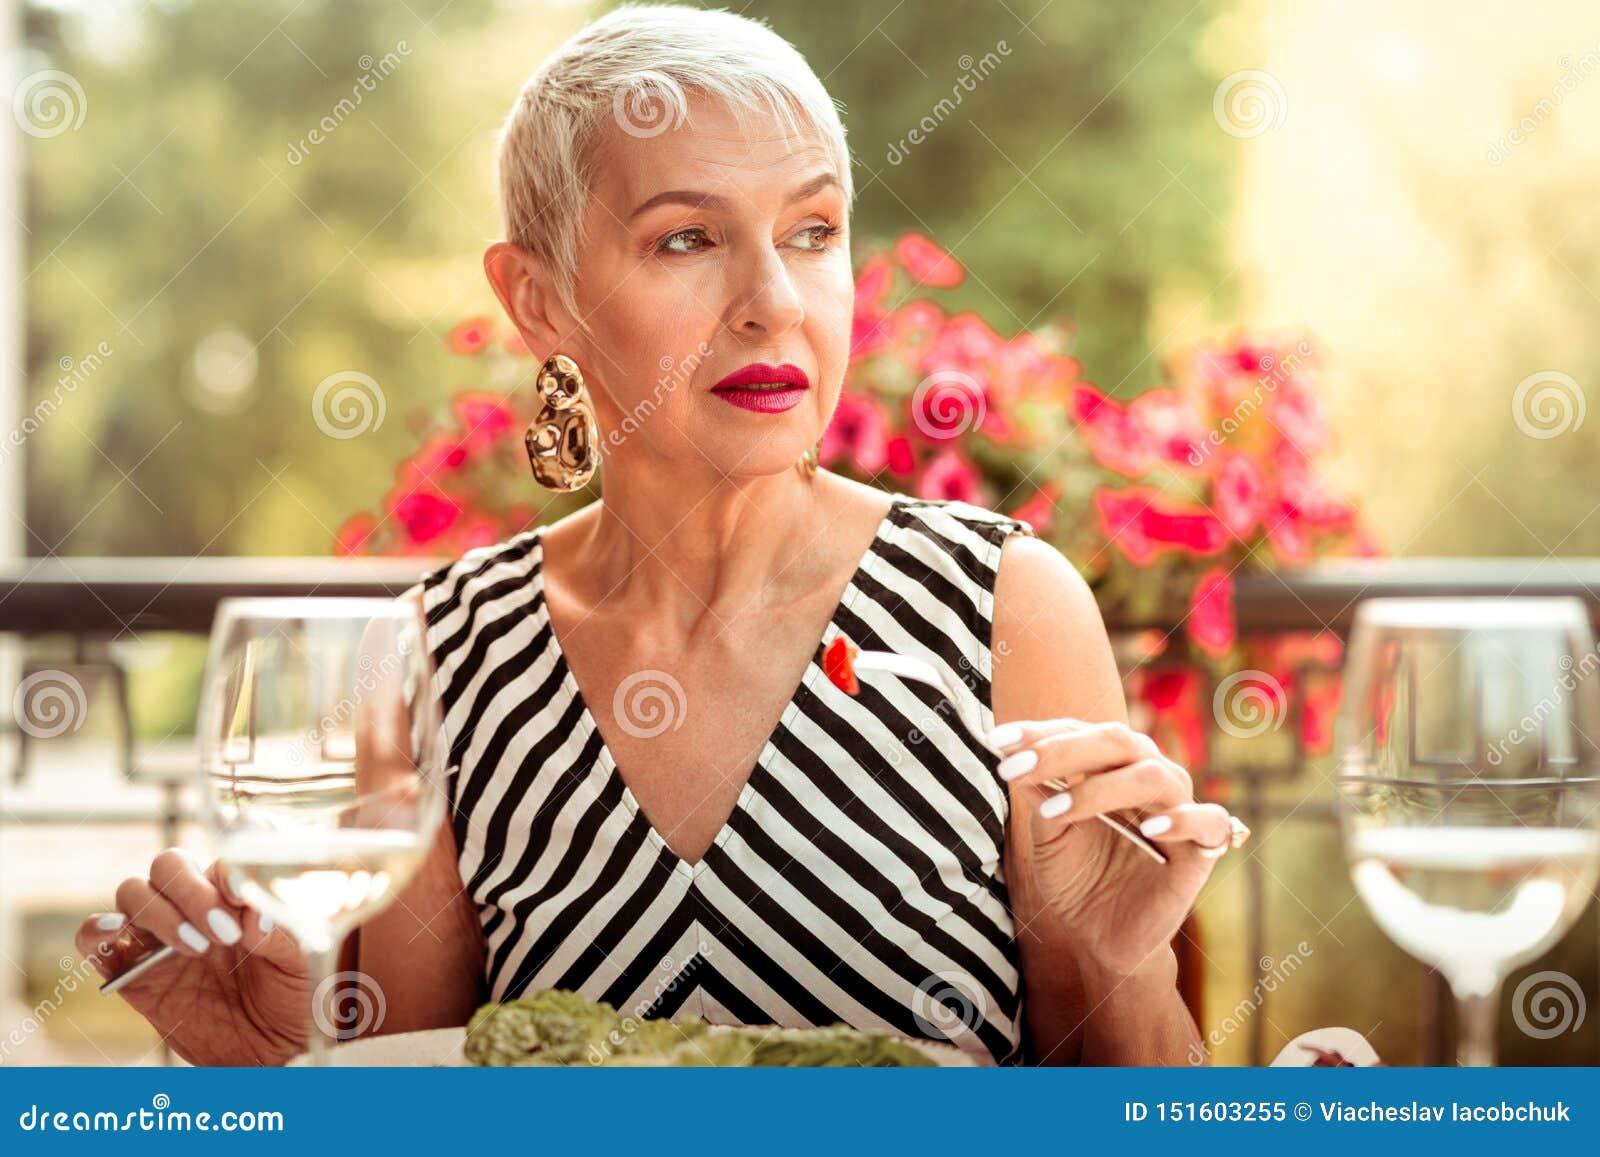 Femme avec le maquillage gentil mangeant de la salade pour le dîner dehors